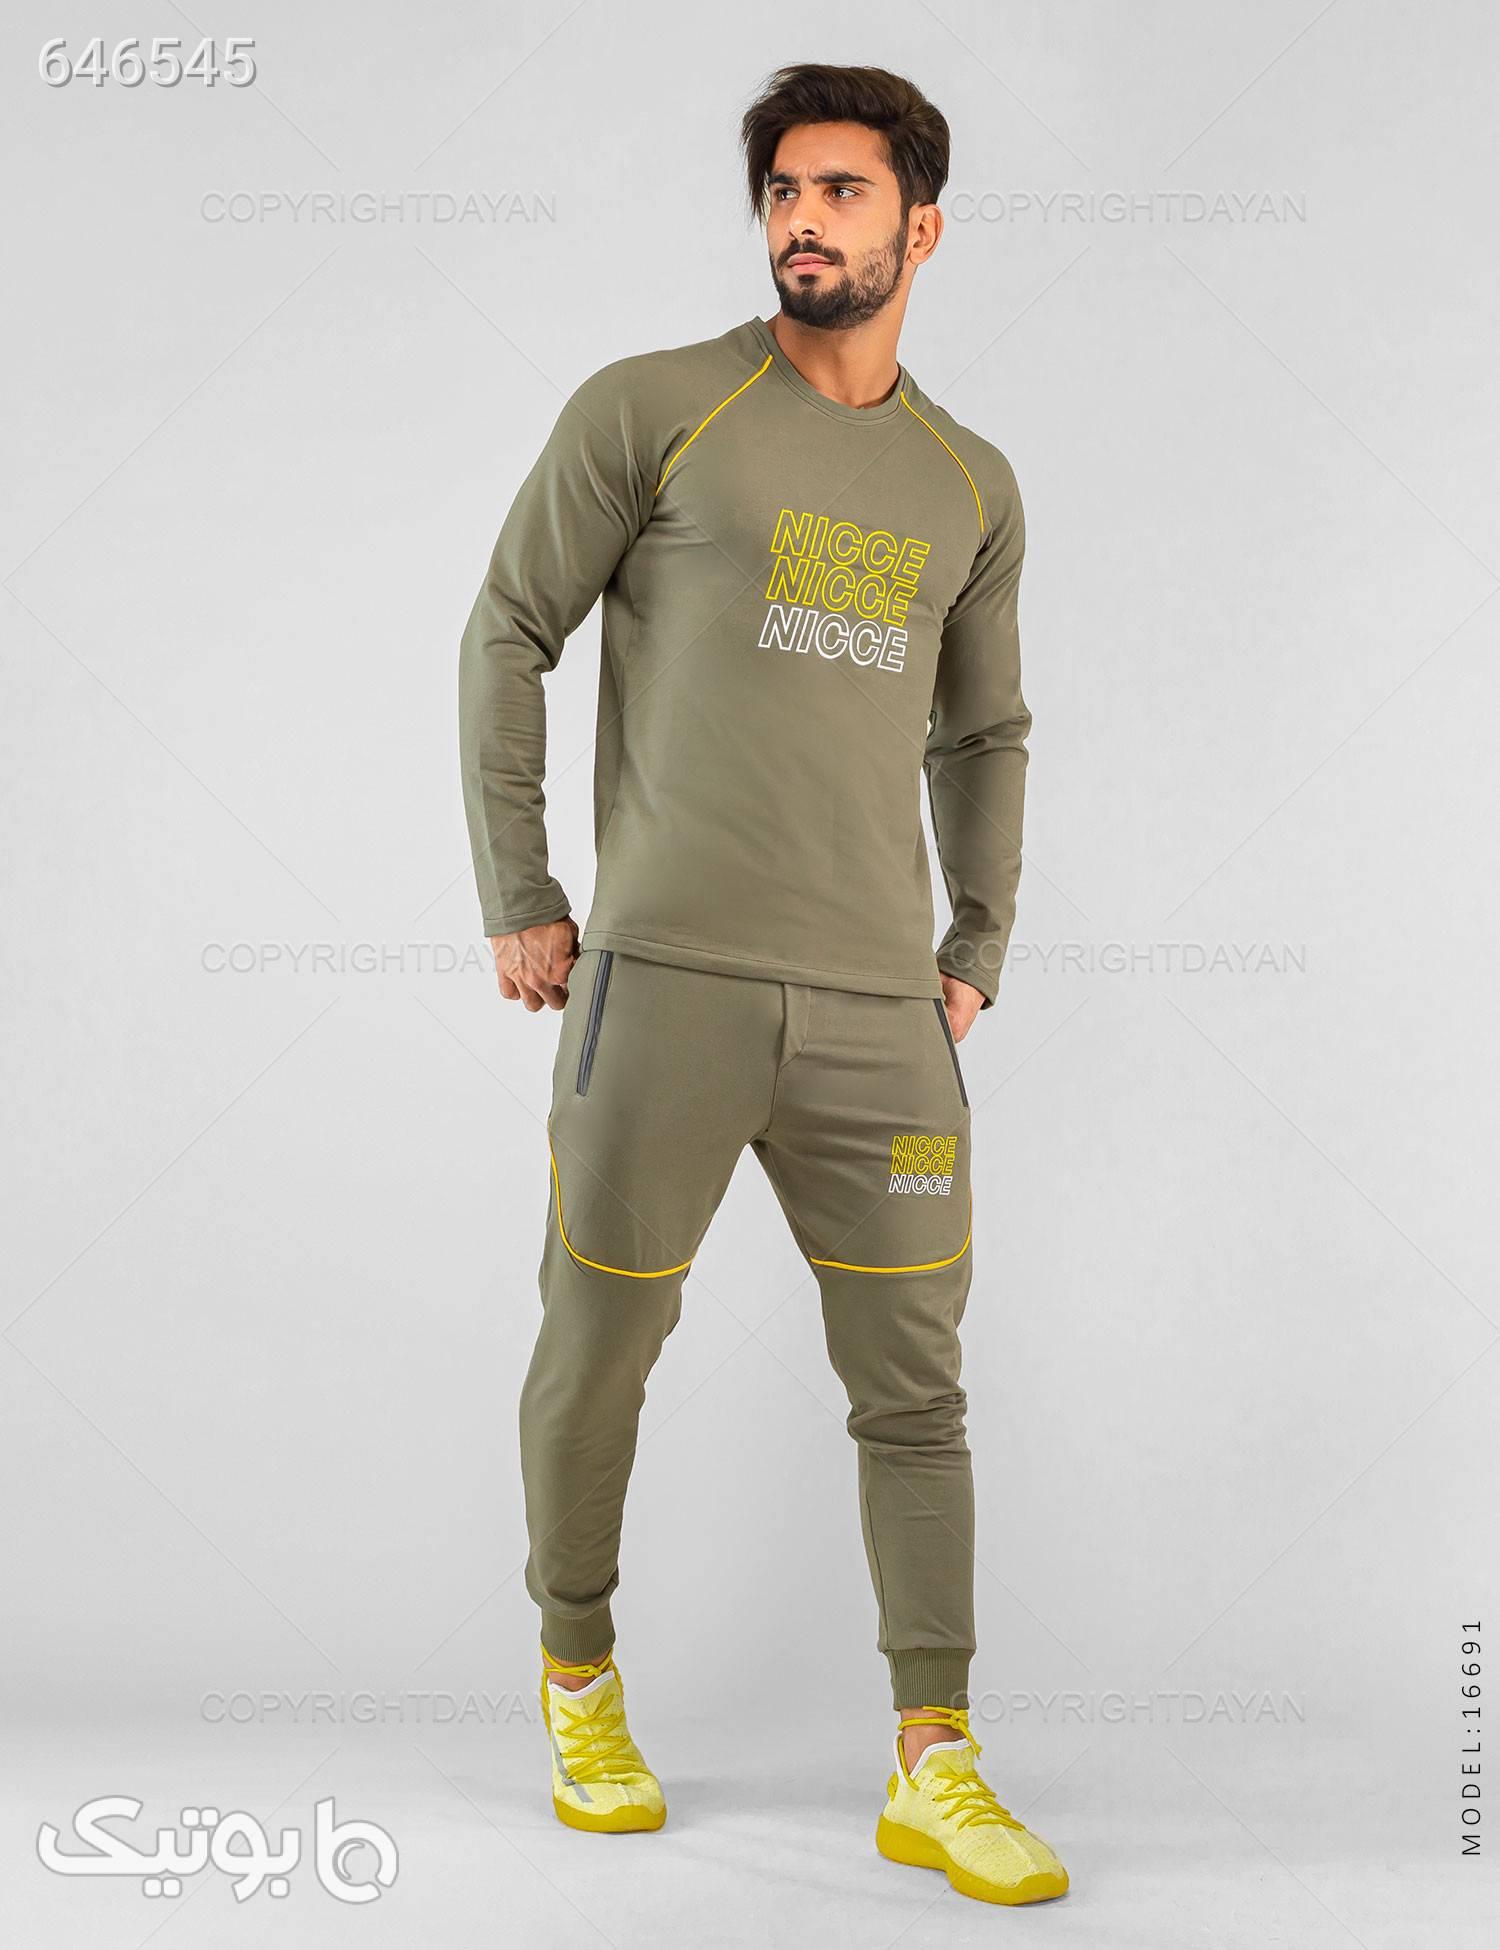 ست بلوز و شلوار مردانه Nicce مدل 16691 سبز لباس راحتی مردانه